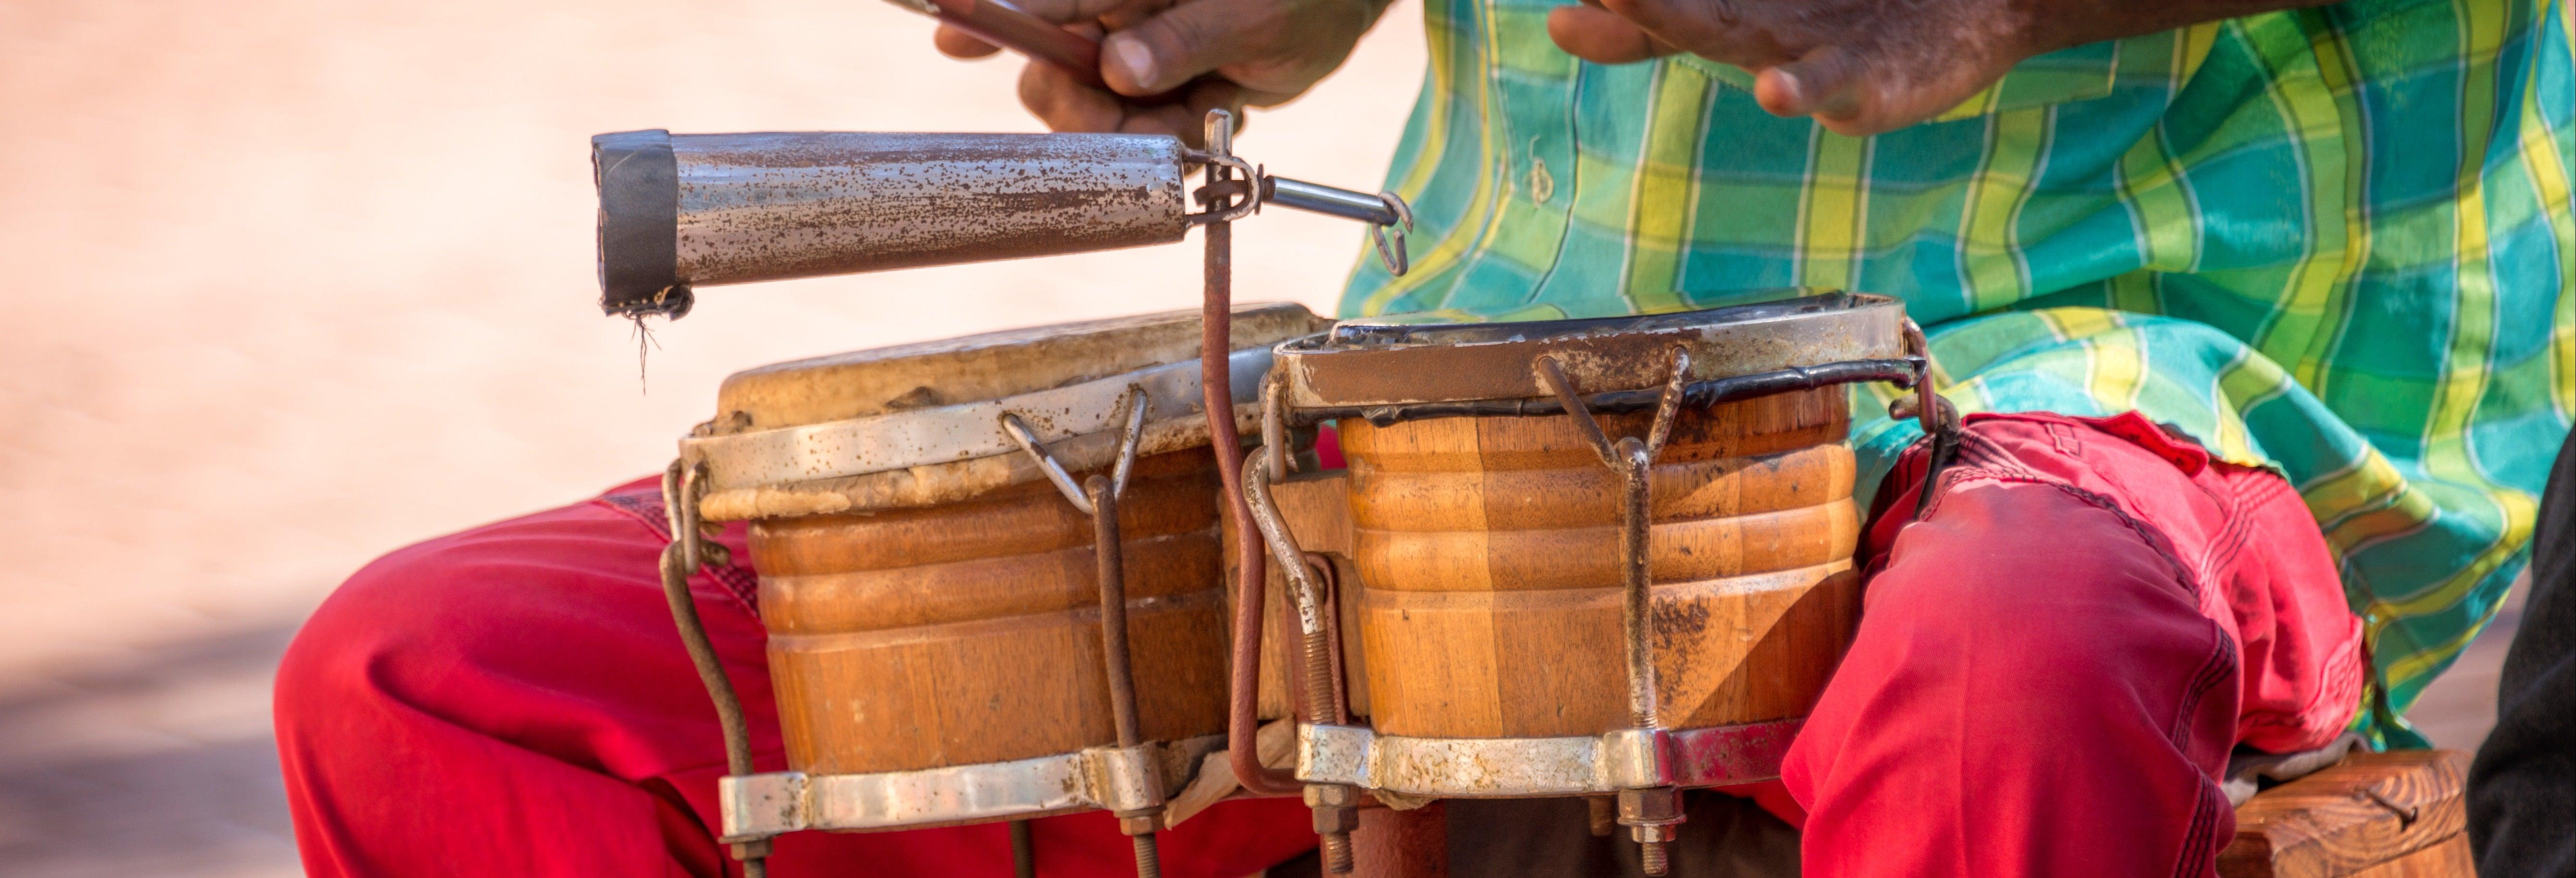 Havana Art & Culture Tour by Classic Car